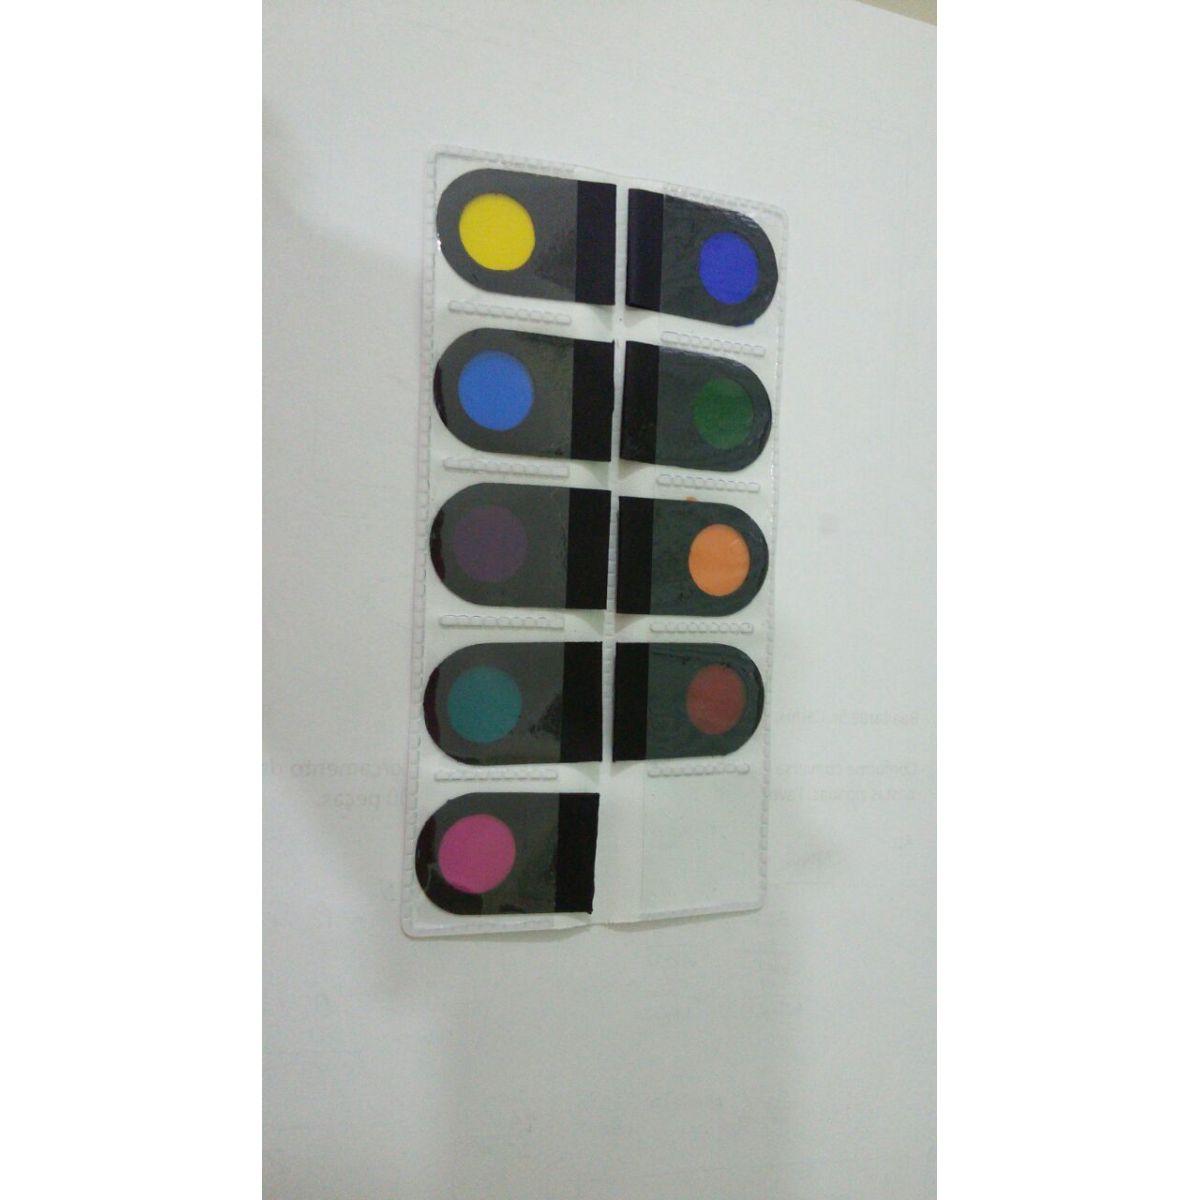 Bastão Cromático elétrico caixa